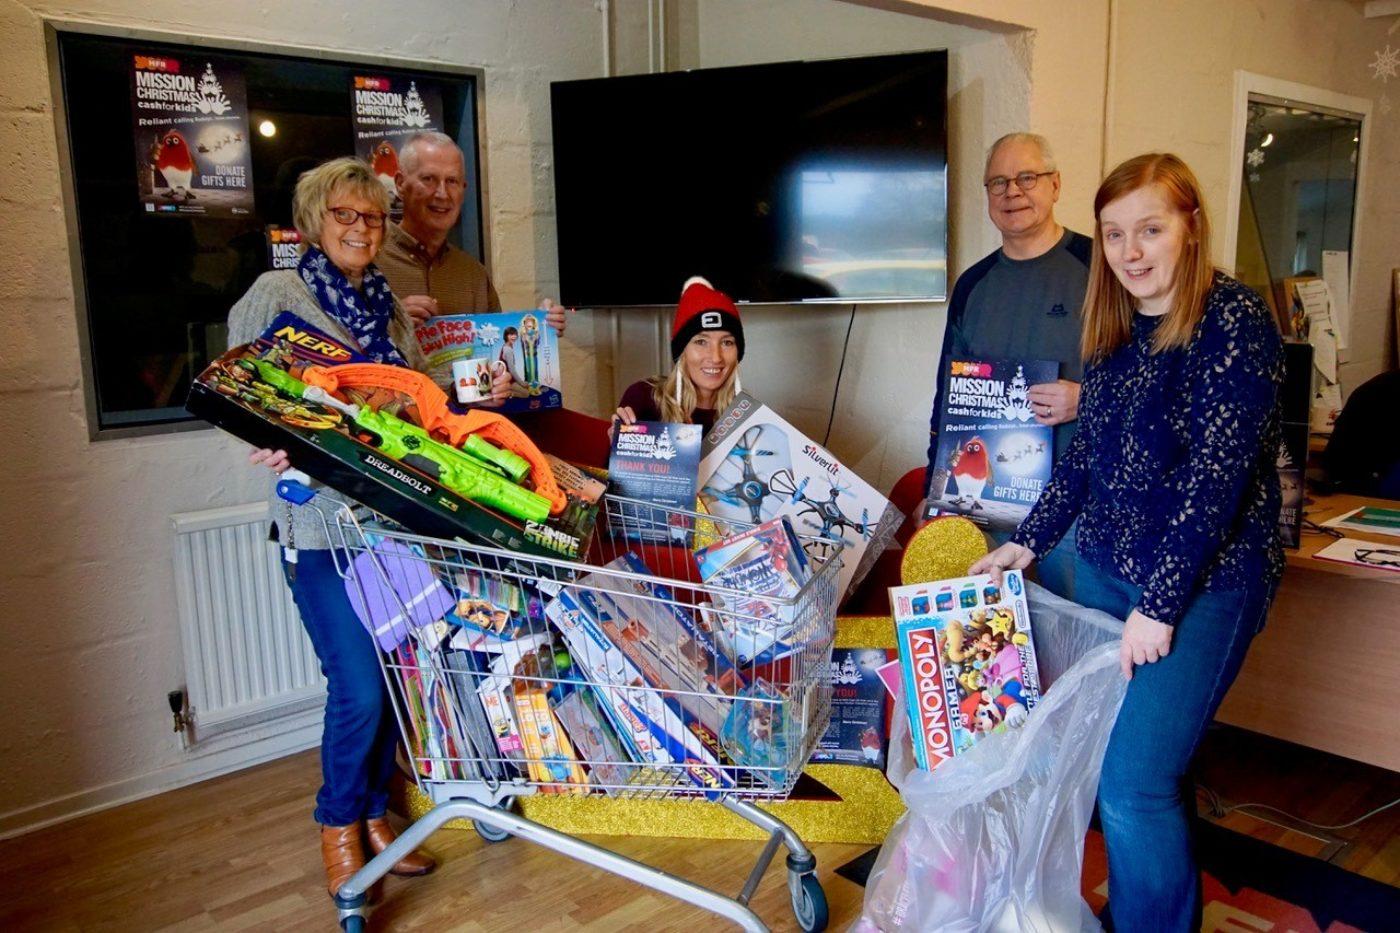 Pictured left to right are; Helen MacPherson (MFR), Derek Morrison (John Fraser & Son), Amy Jamieson (MFR) George MacKenzie (Volunteer) and Darlene Mackay (John Fraser & Son)